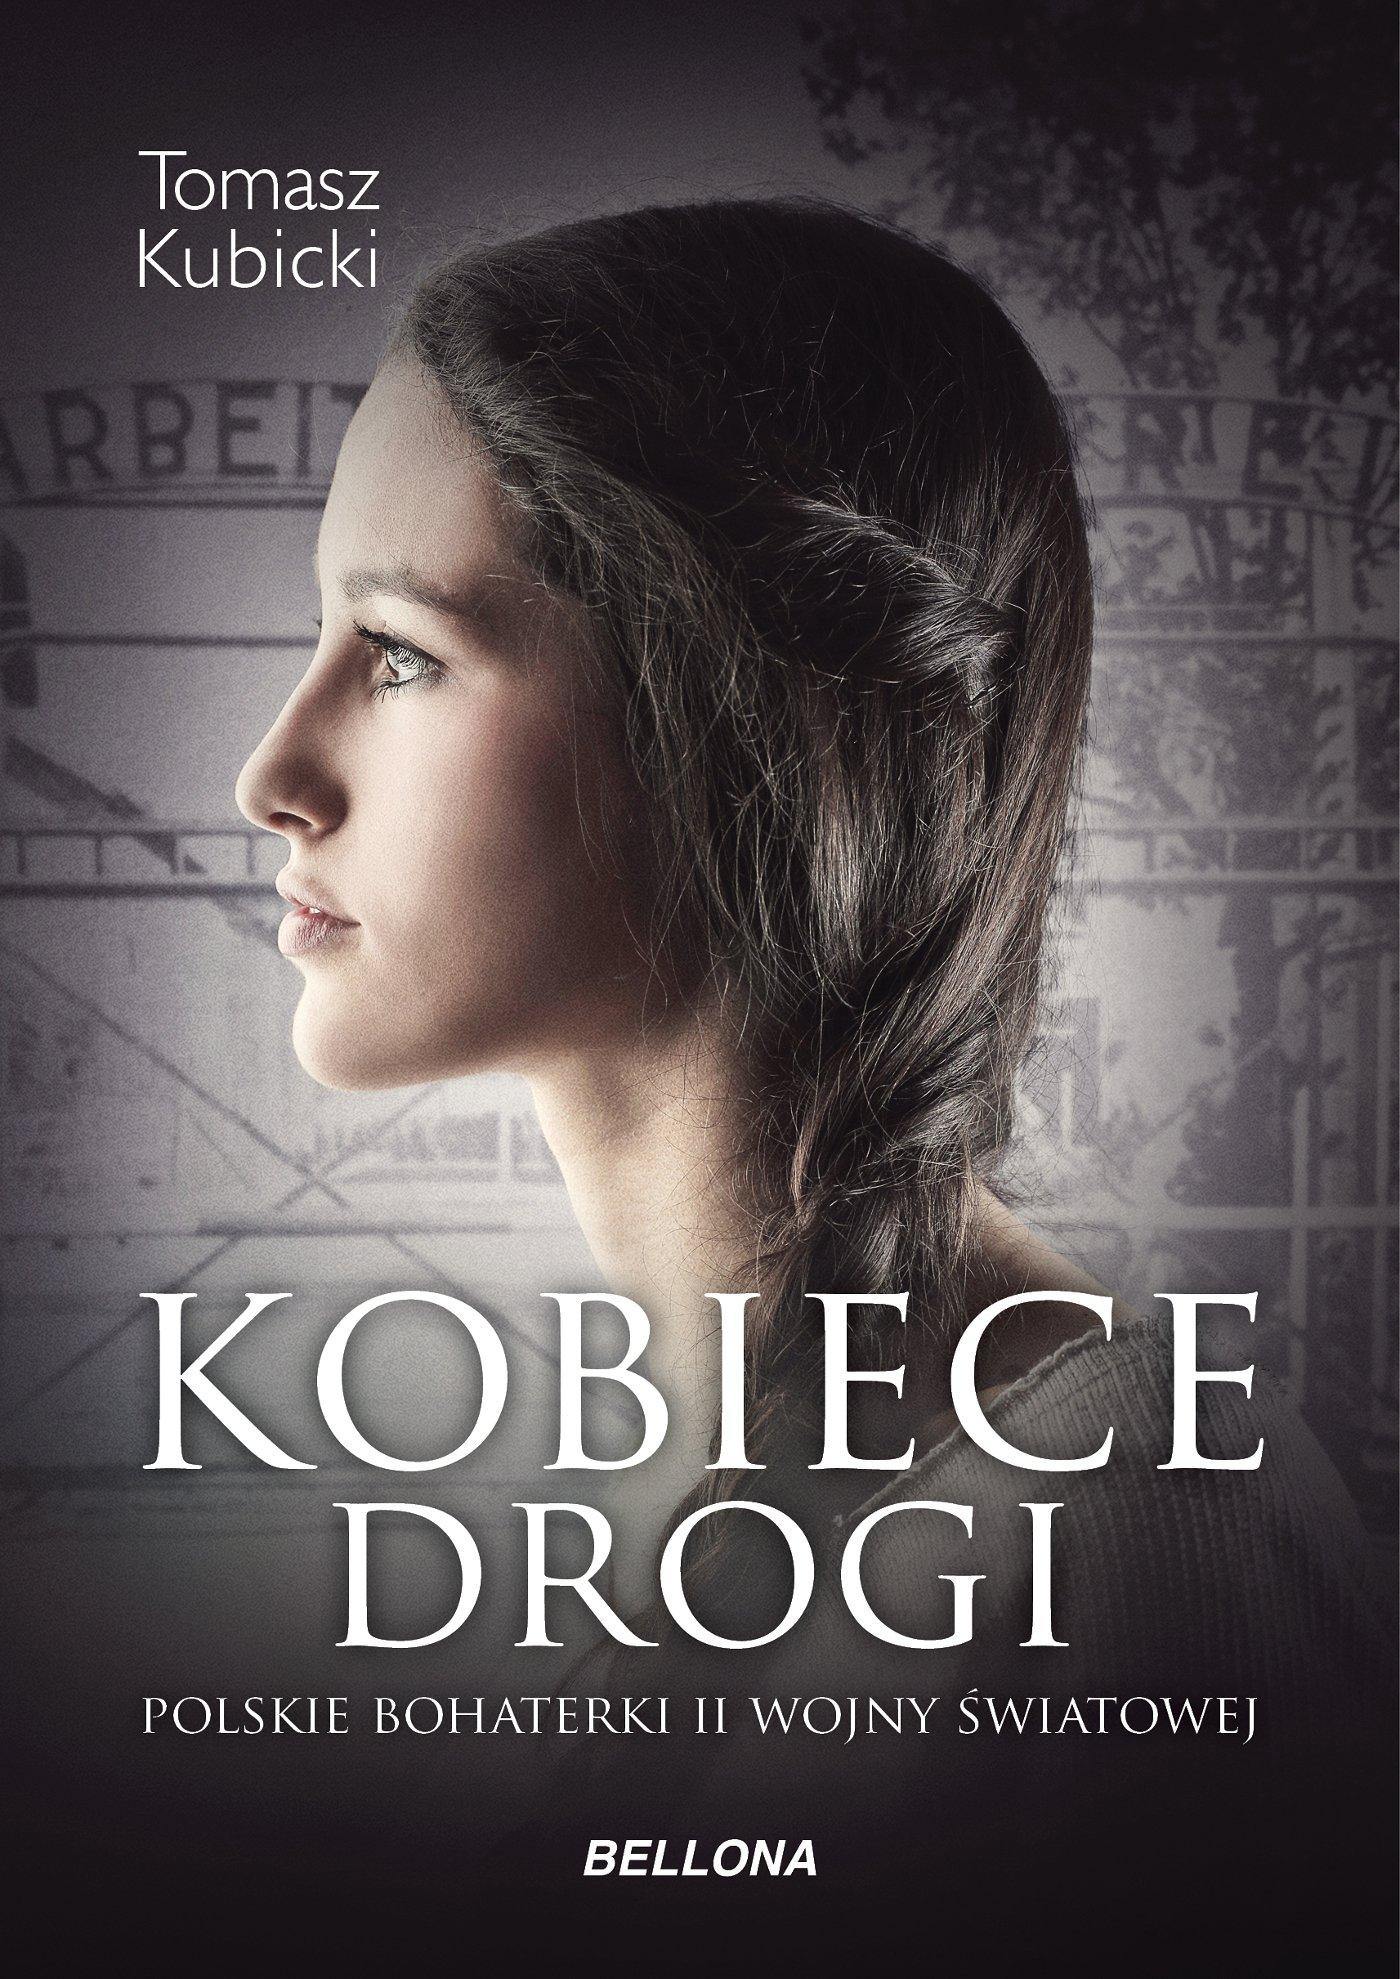 Kobiece drogi. Polskie bohaterki II wojny światowej - Ebook (Książka na Kindle) do pobrania w formacie MOBI